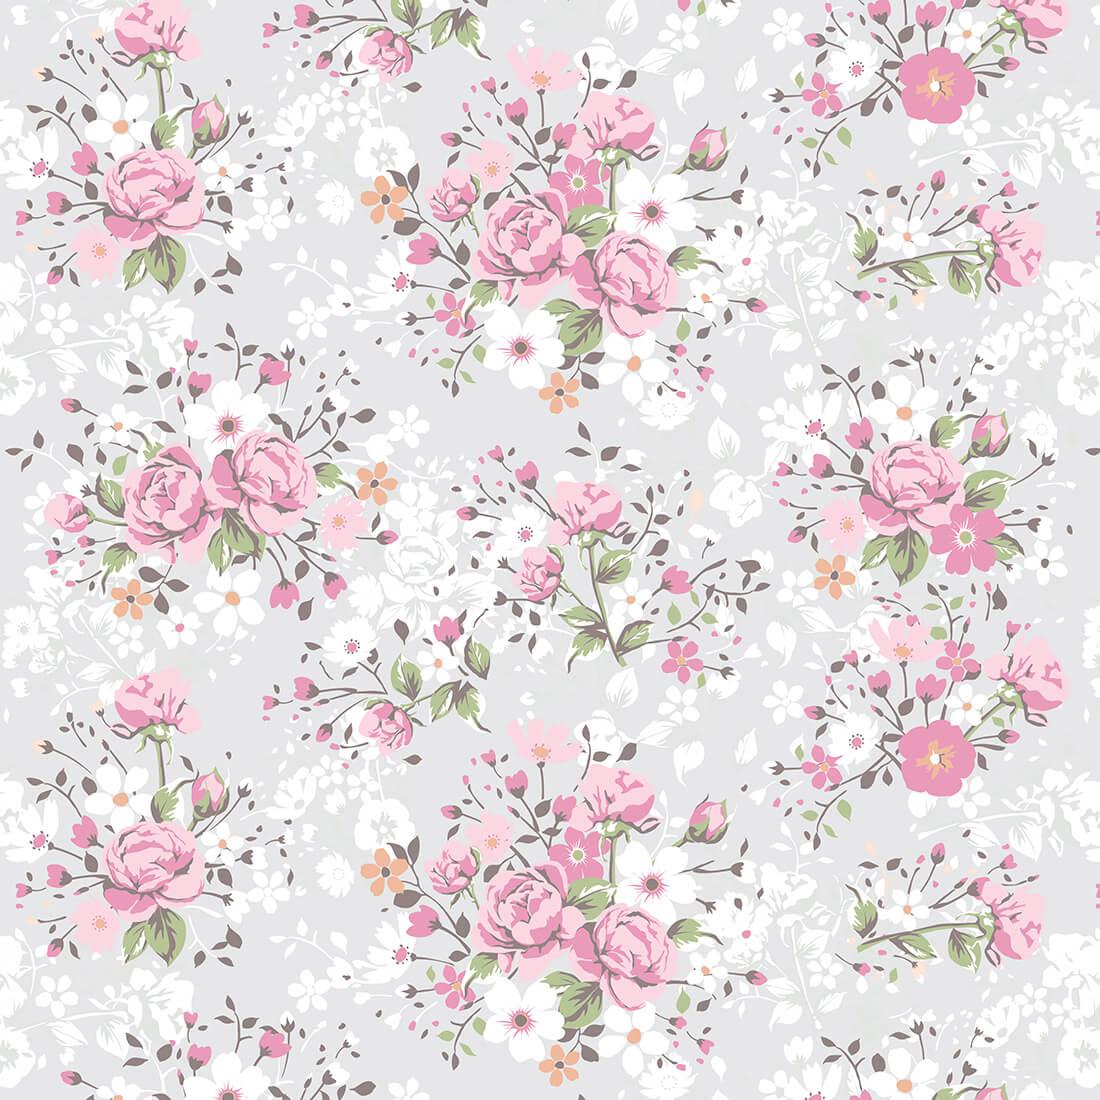 Papel de Parede Floral Buque De Rosas Fundo Cinza